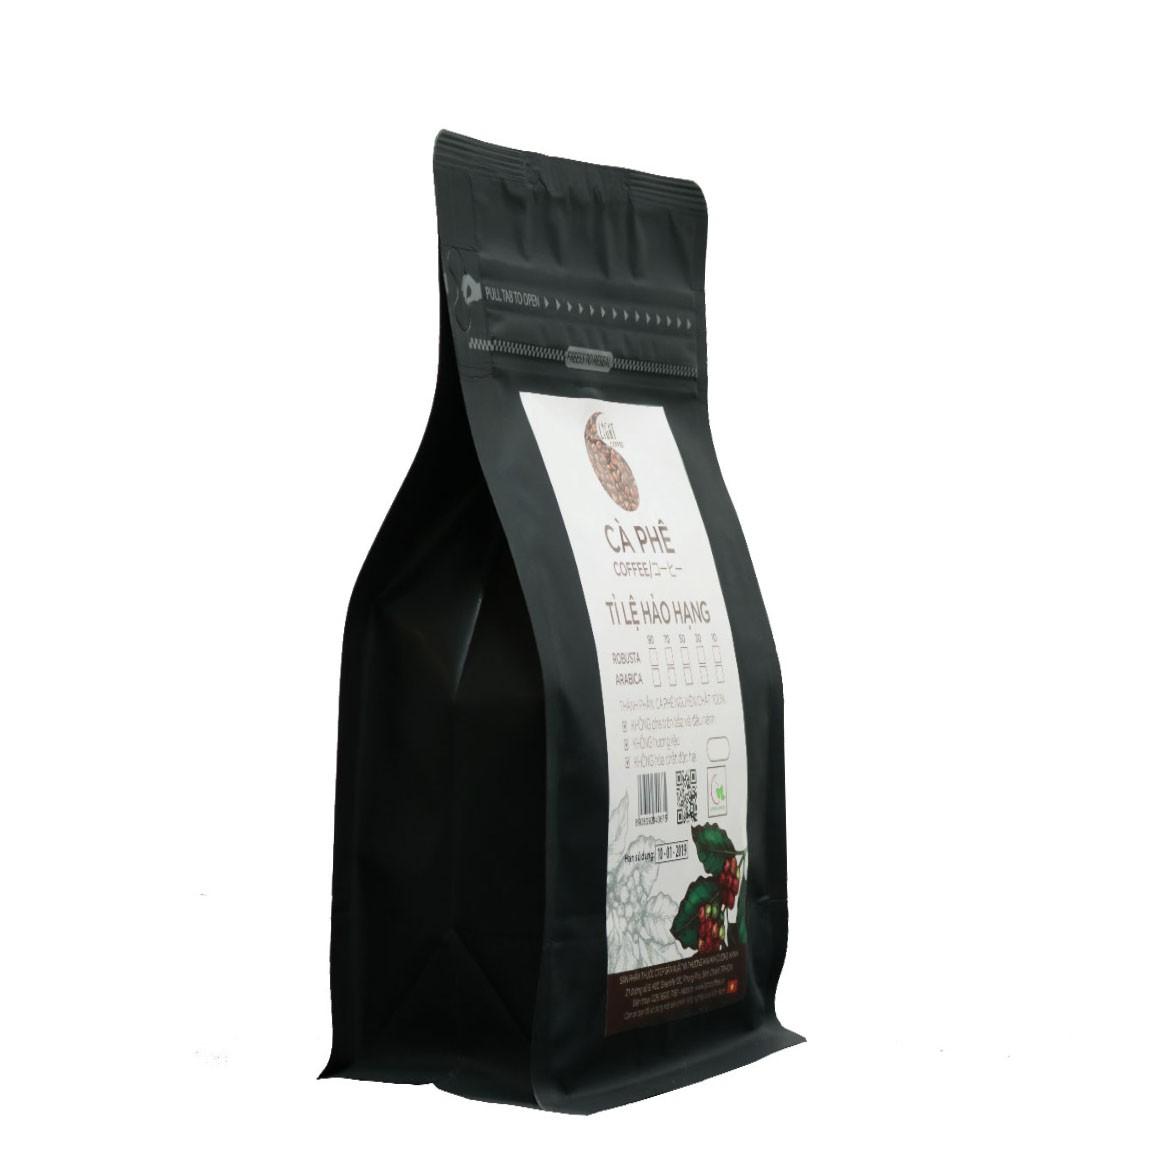 500g - Cà phê bột Tỉ lệ Hảo Hạng - 90% Robusta + 10% Arabica - Light coffee